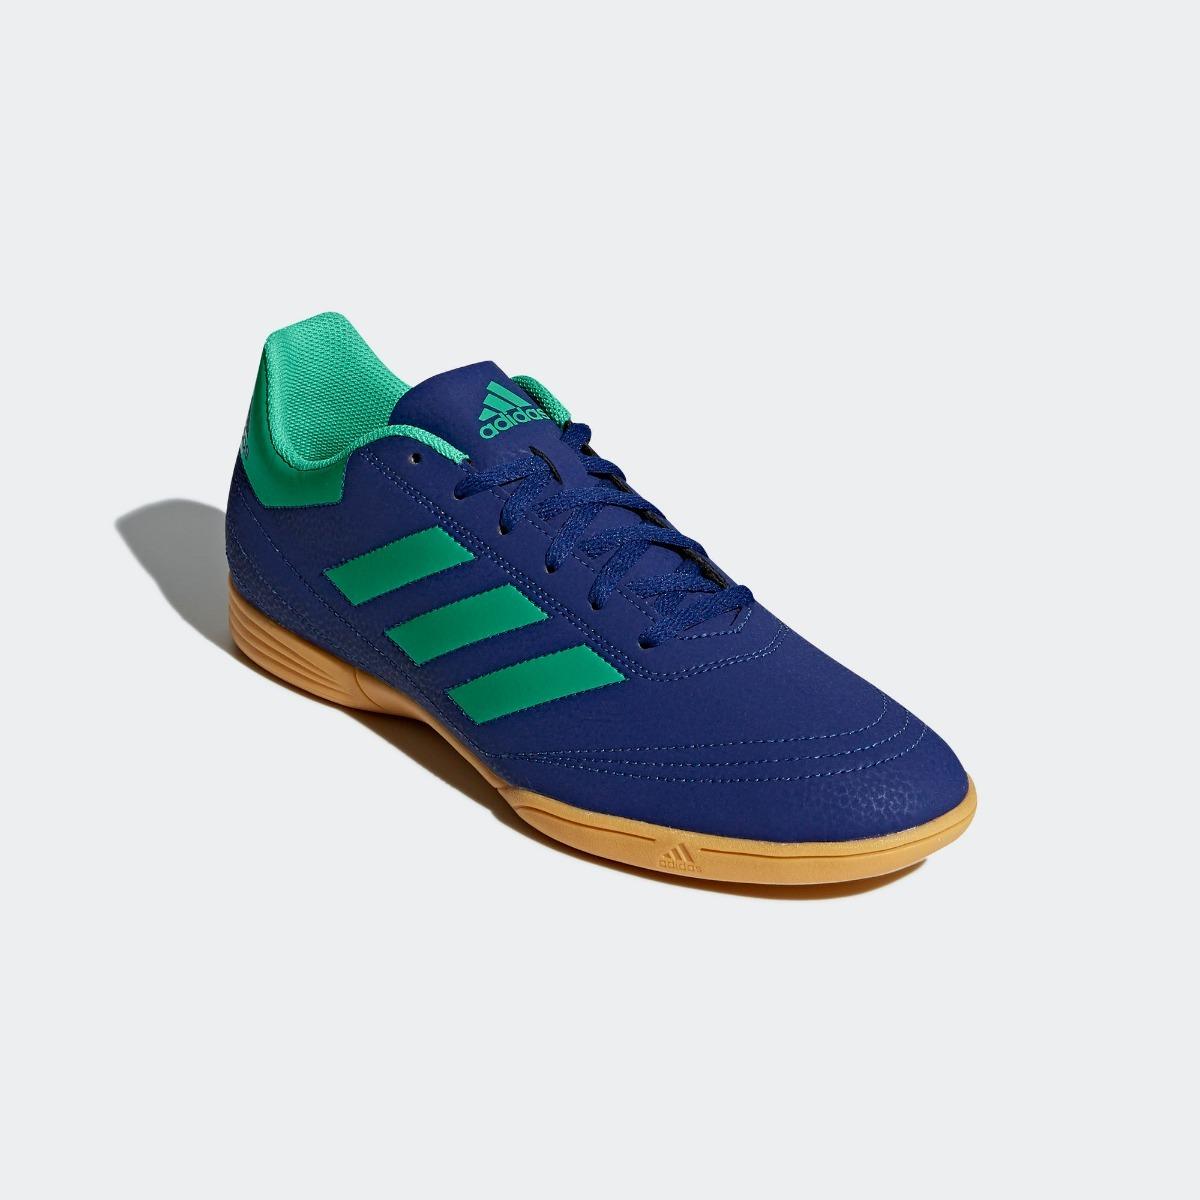 Futsal Oferta 2018 Goletto Adidas Vi Sintético Zapatillas eY9EDWH2Ib